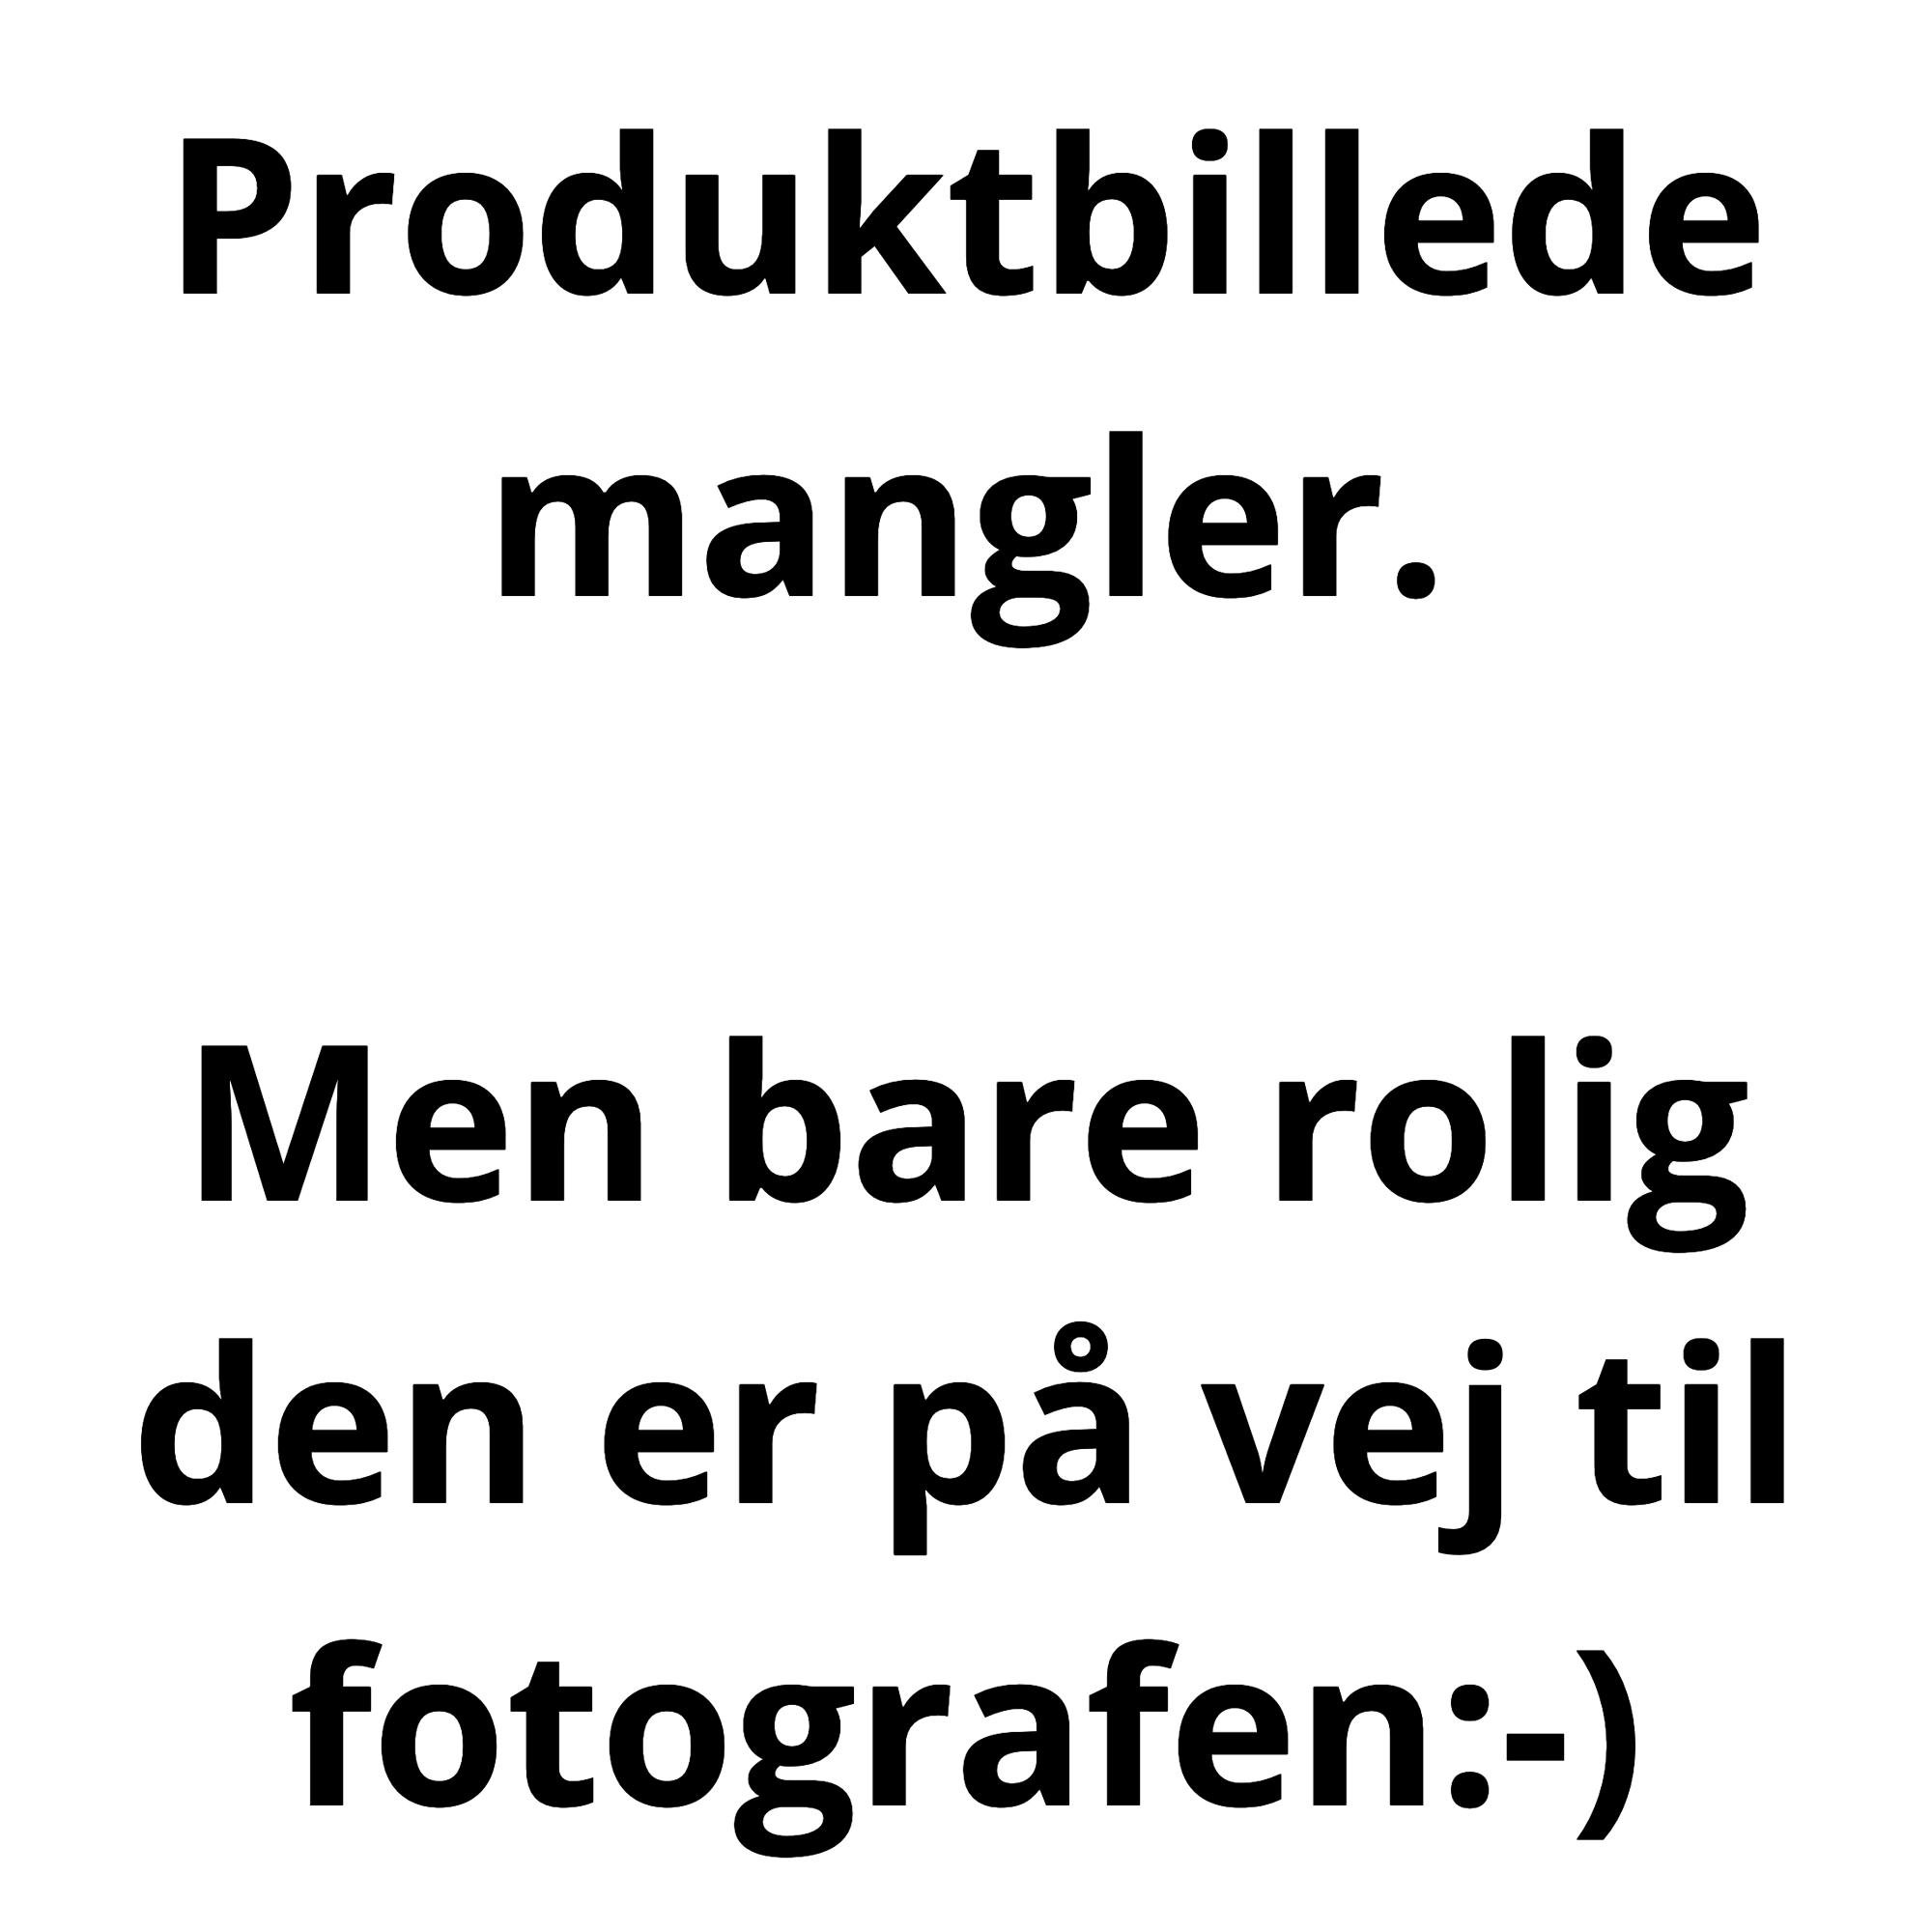 Brodit Aktiv Mobilholder med cigar adapter til Apple iPhone 5/5S/5C B:62-77 D:6-10mm - 521502